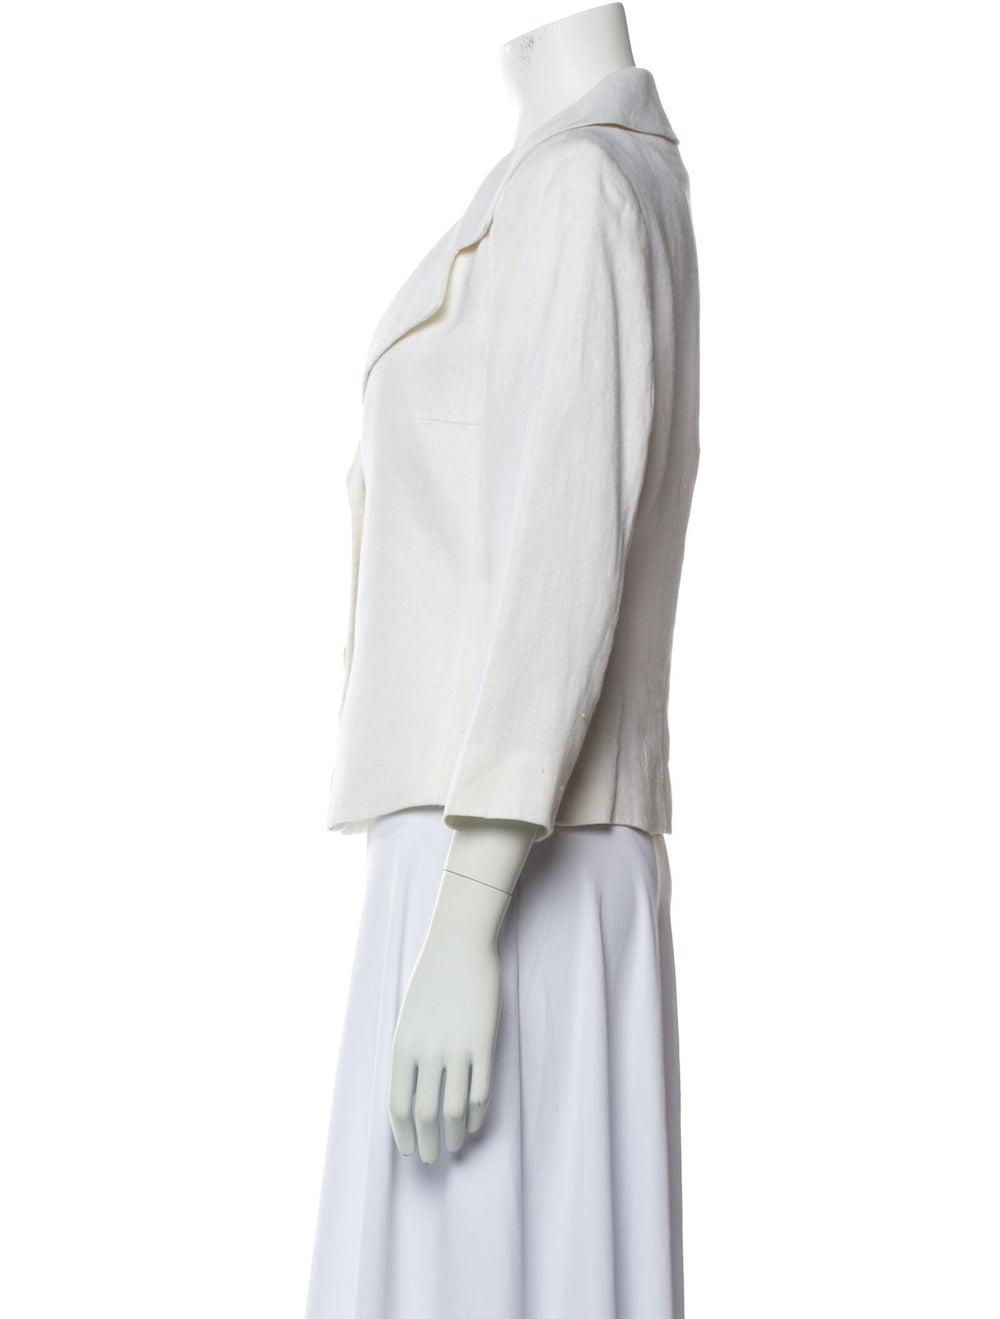 Michael Kors Linen Biker Jacket - image 2